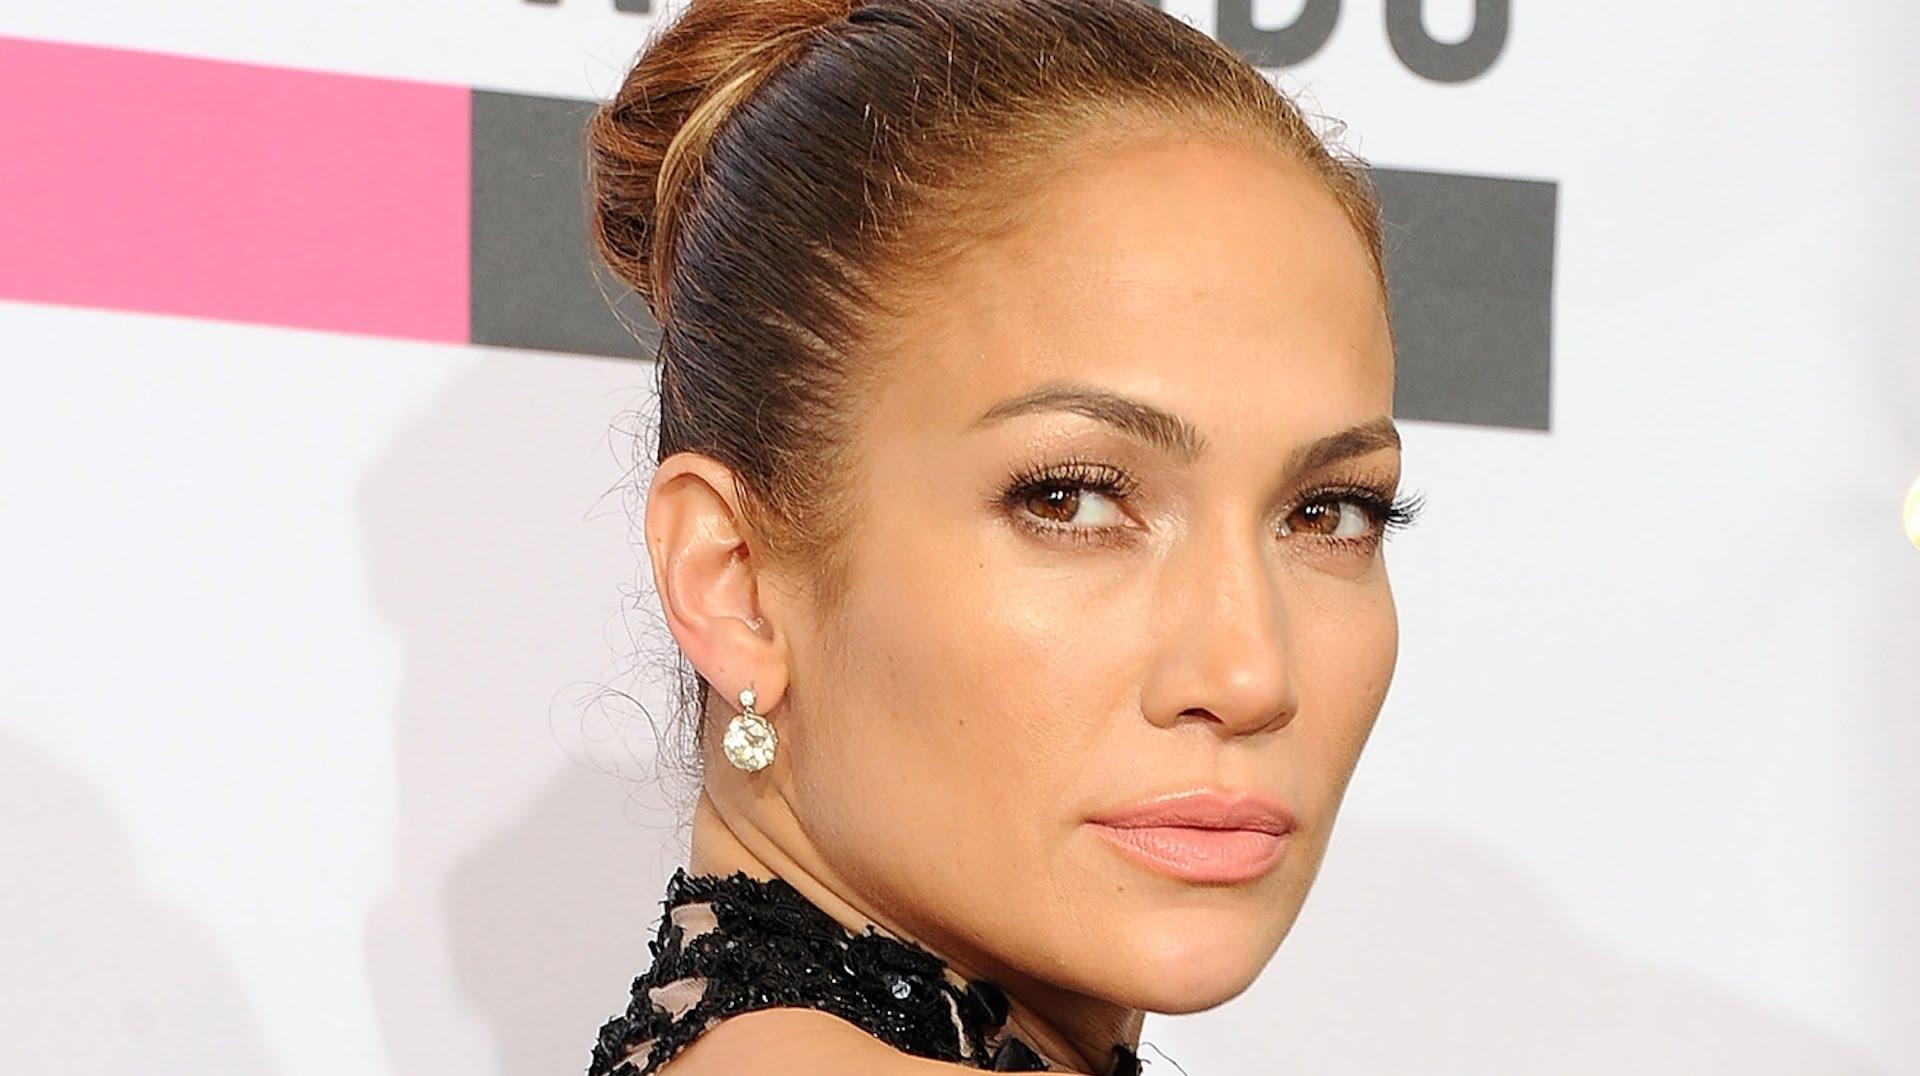 Третье место заняли брови американской певицы и актрисы Дженнифер Лопес.